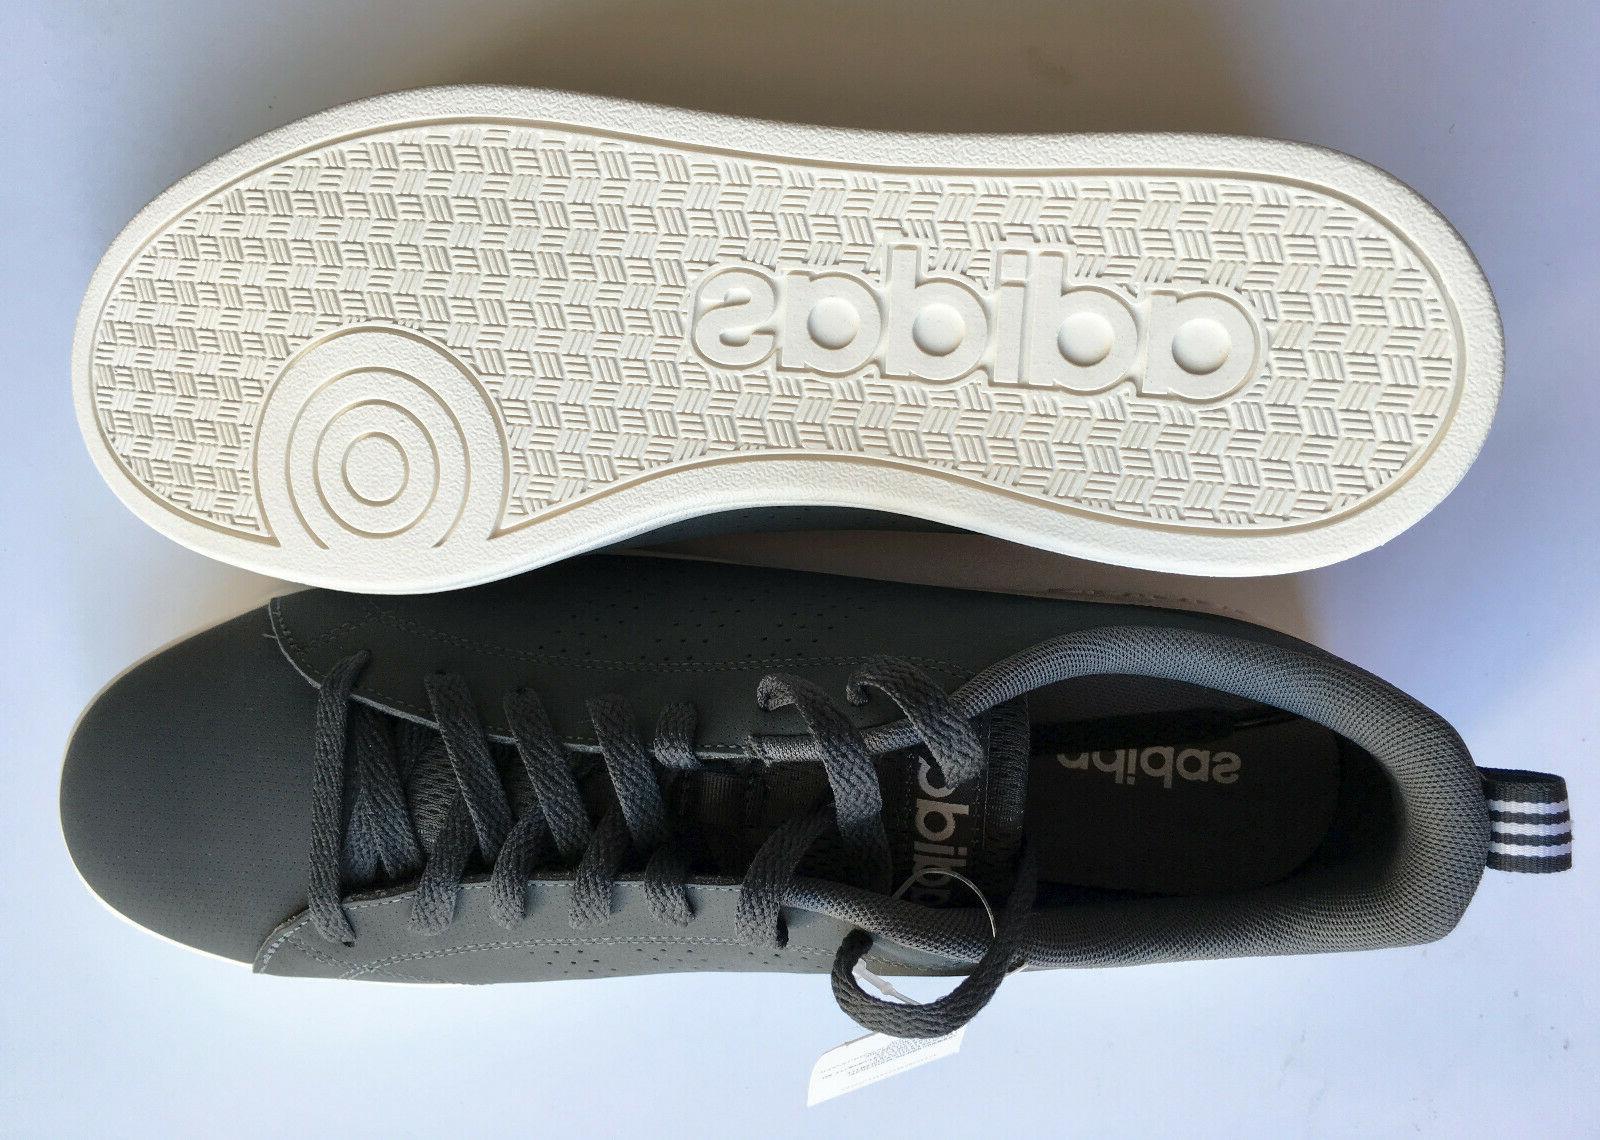 Adidas Men's Advantage CL Shoes